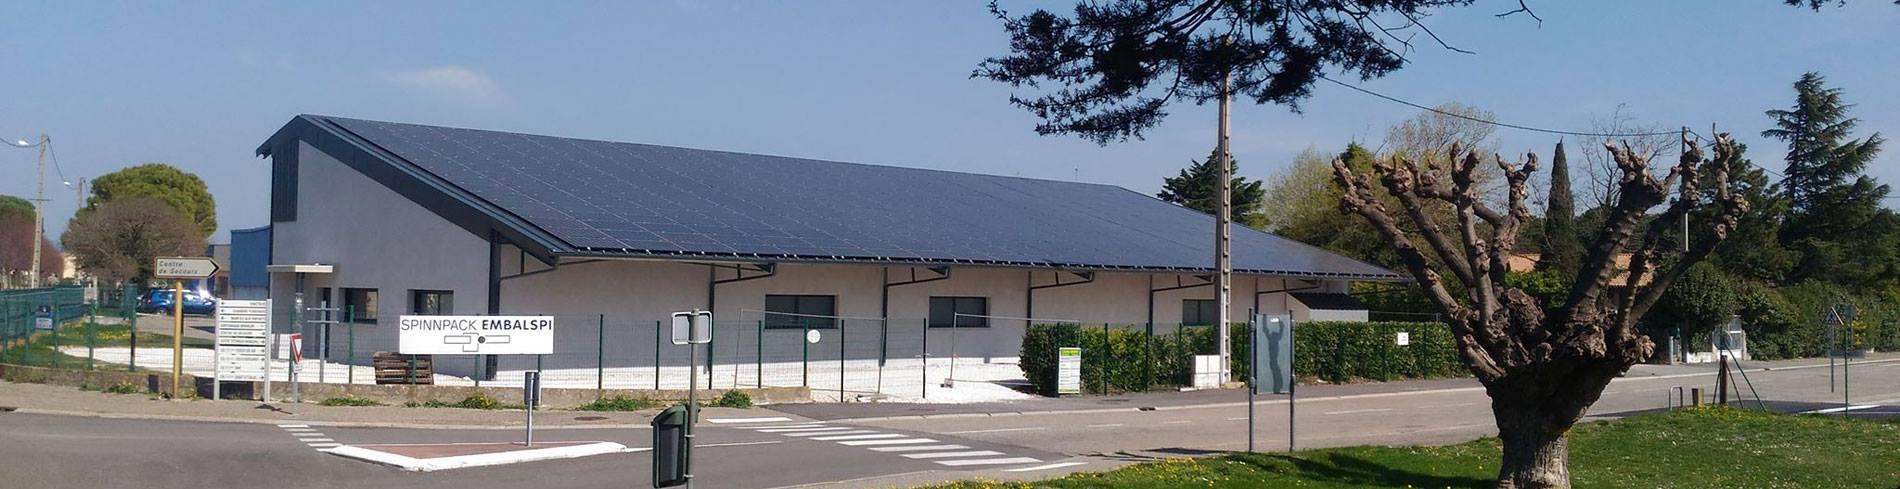 Hangar photovolta que la r union co solution nergie - Hangar photovoltaique agricole gratuit ...